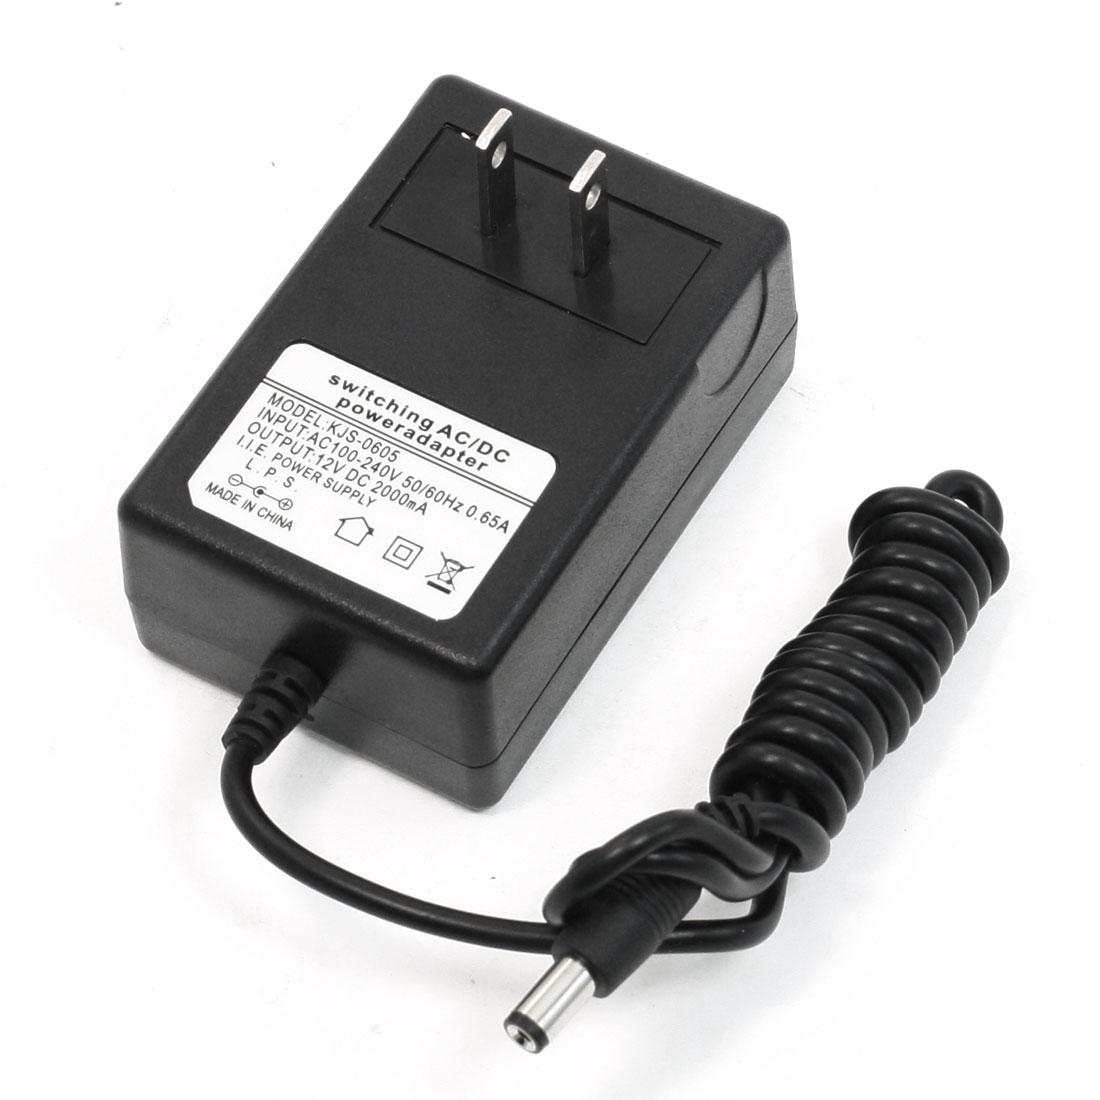 US Plug to DC 5.5 x 2.1mm 12V 2000mA Output AC100-240V Adapter Black